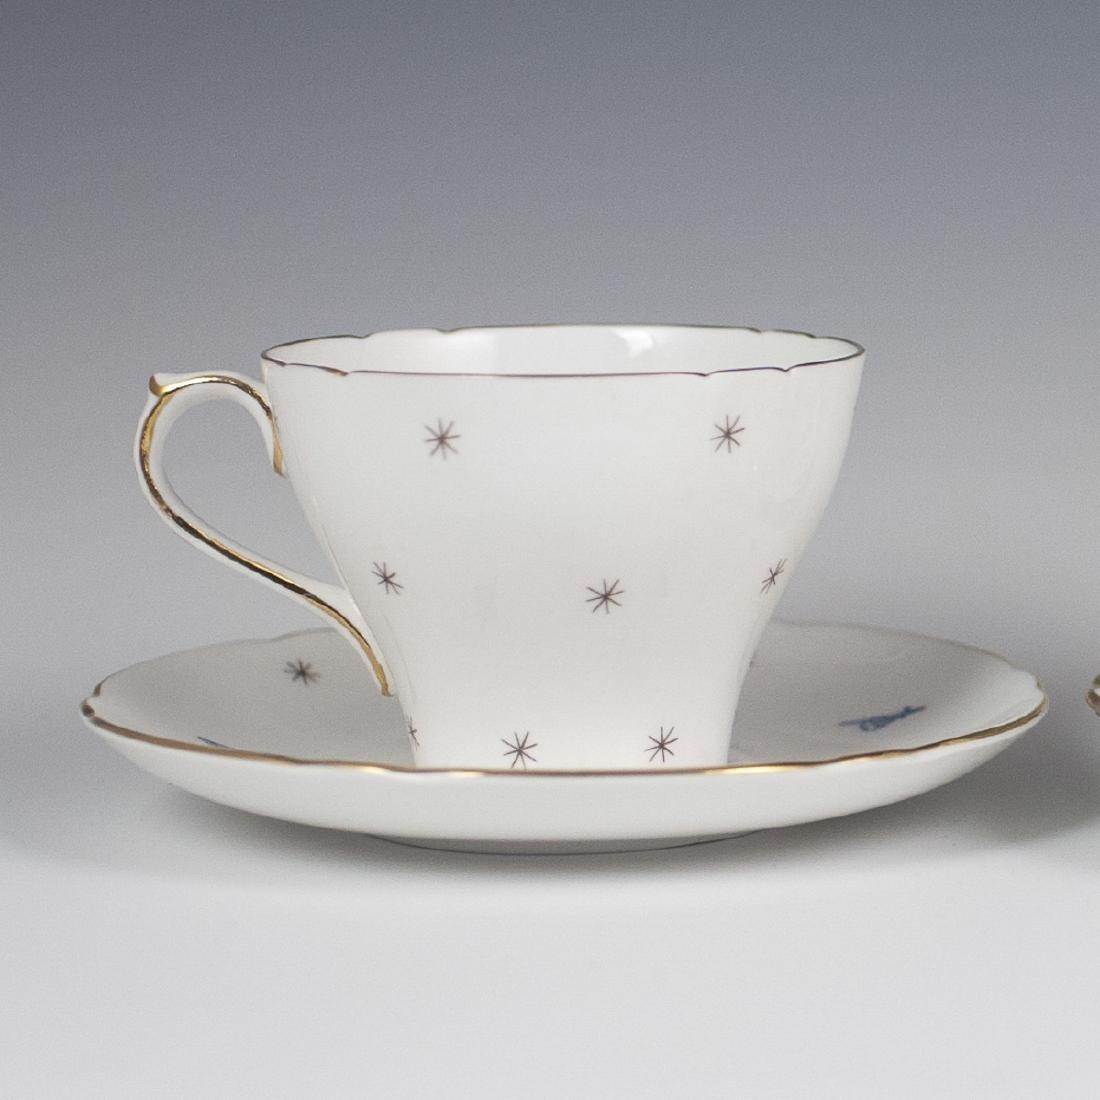 Vintage Porcelain Tea Cups - 7